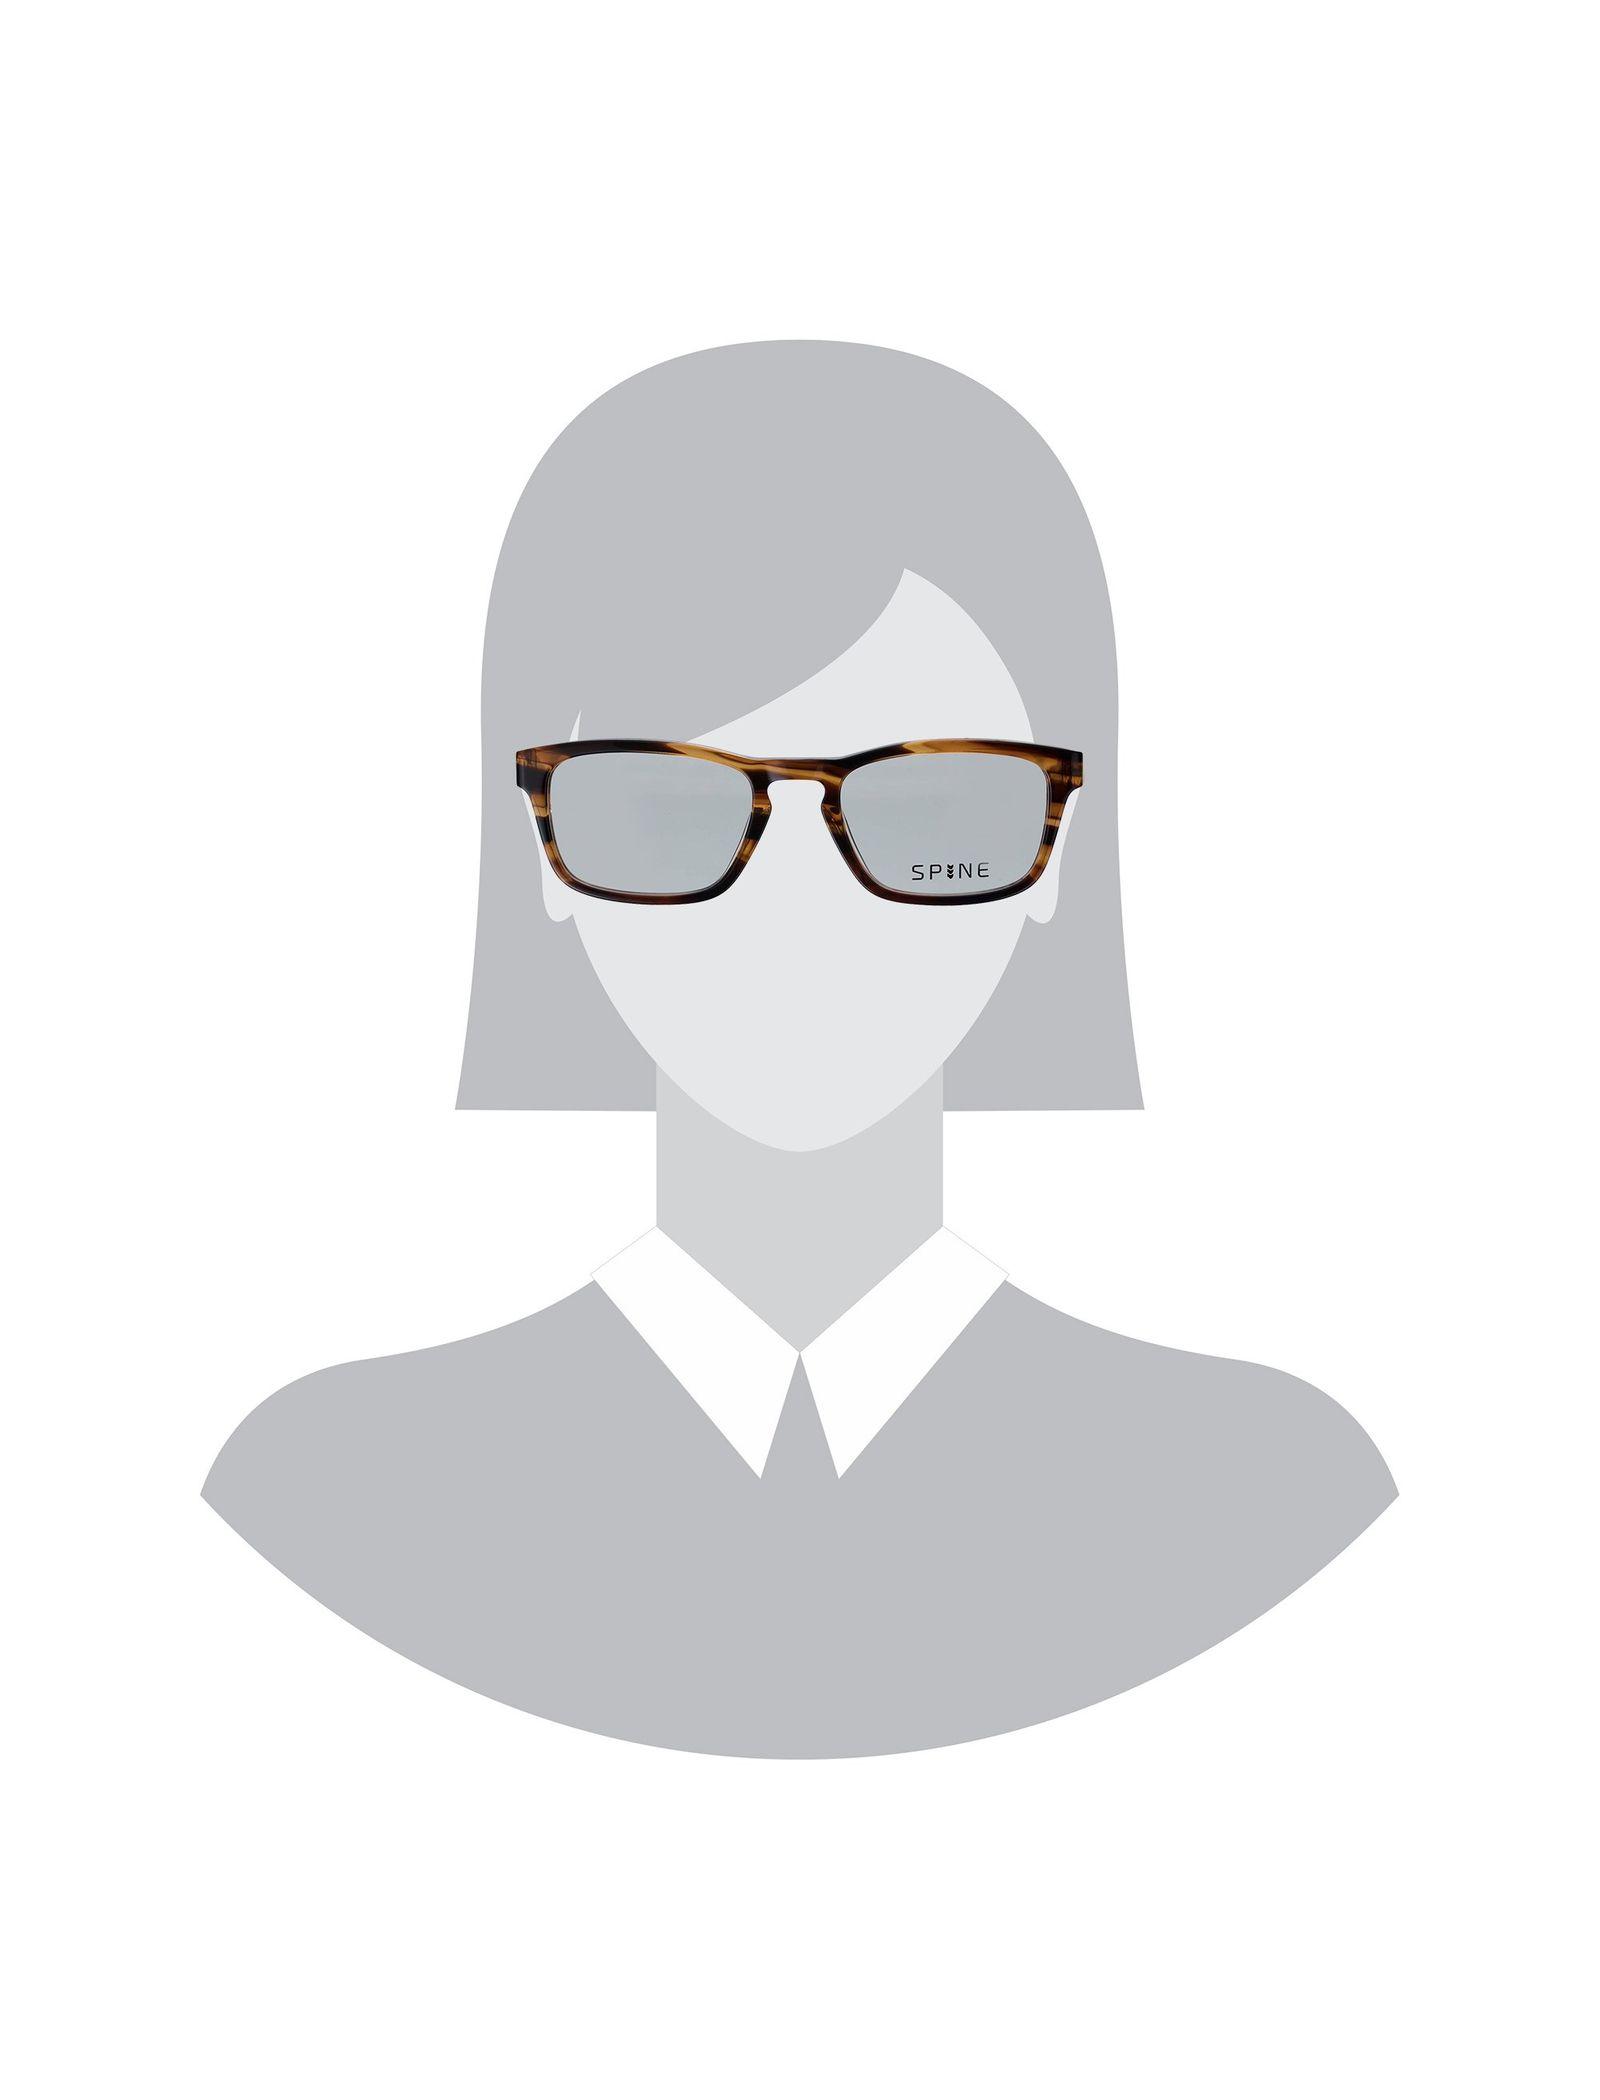 عینک طبی ویفرر زنانه - اسپاین - قهوه اي - 2